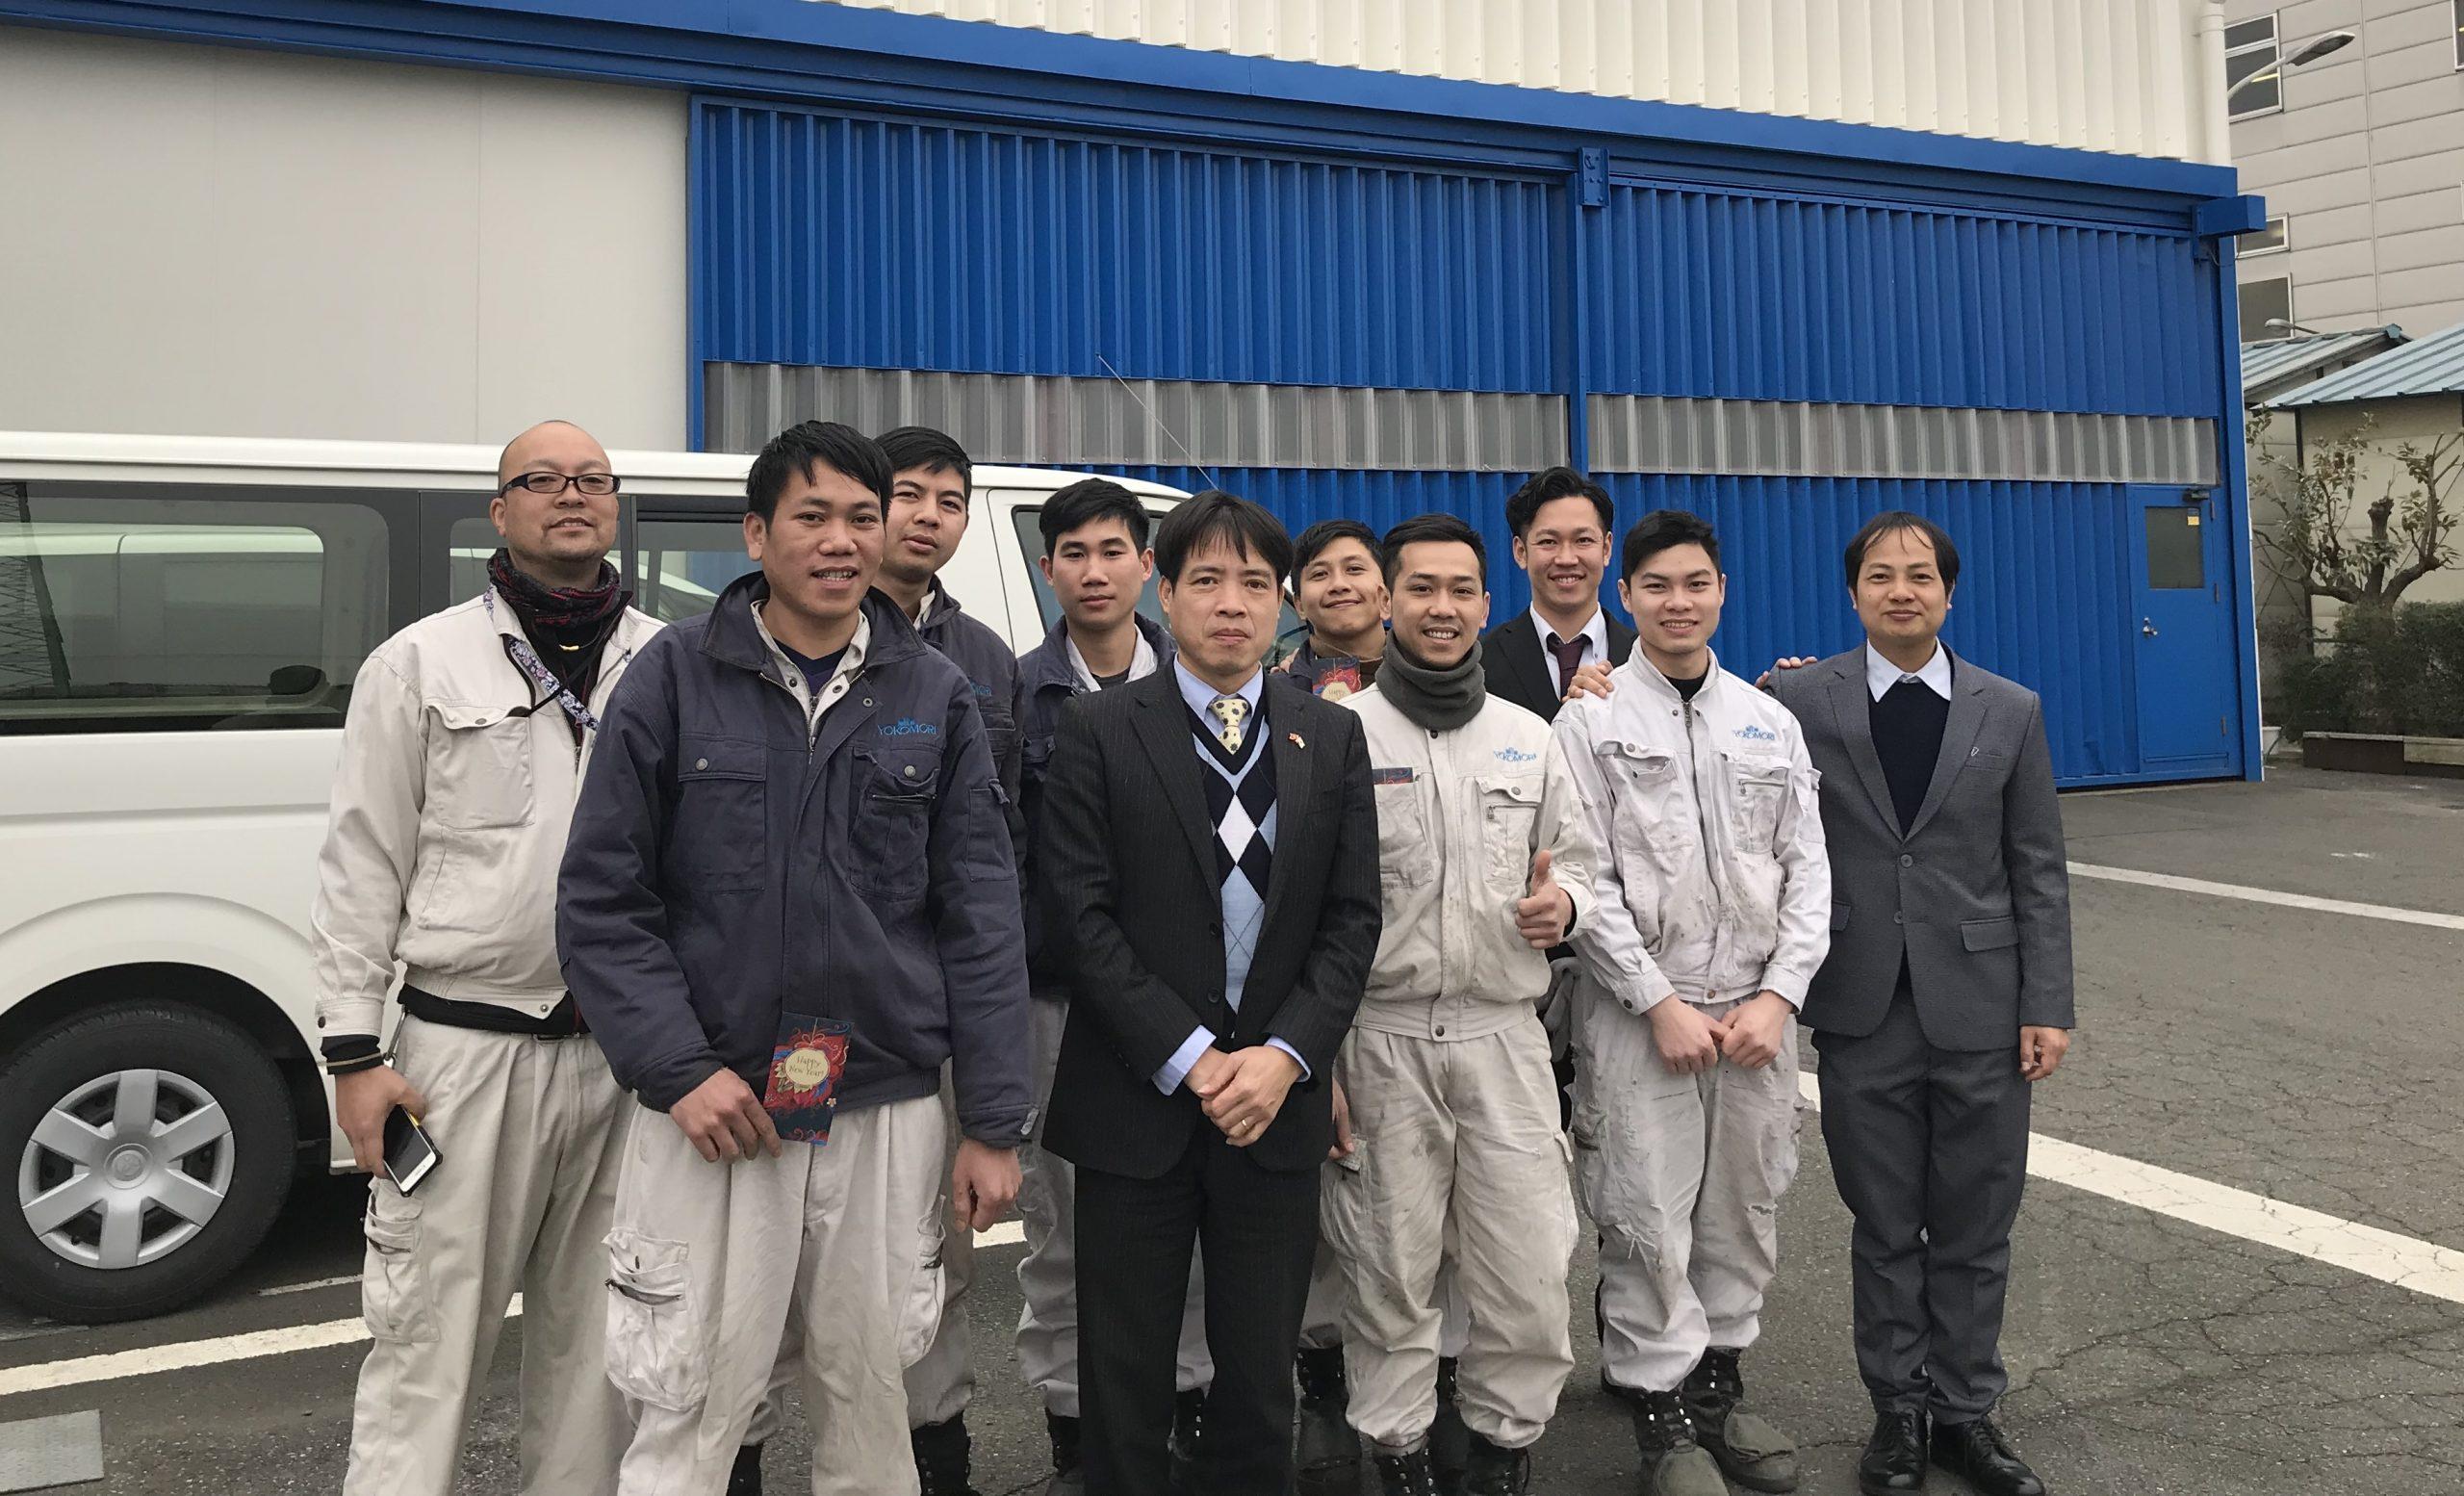 Ngày mùng 6 tháng 2, Trưởng Ban Quản lý lao động, Đại sứ quán Việt Nam tại Nhật Bản, ông Phan Tiến Hoàng đã đến thị sát công ty tiếp nhận Thực tập sinh.